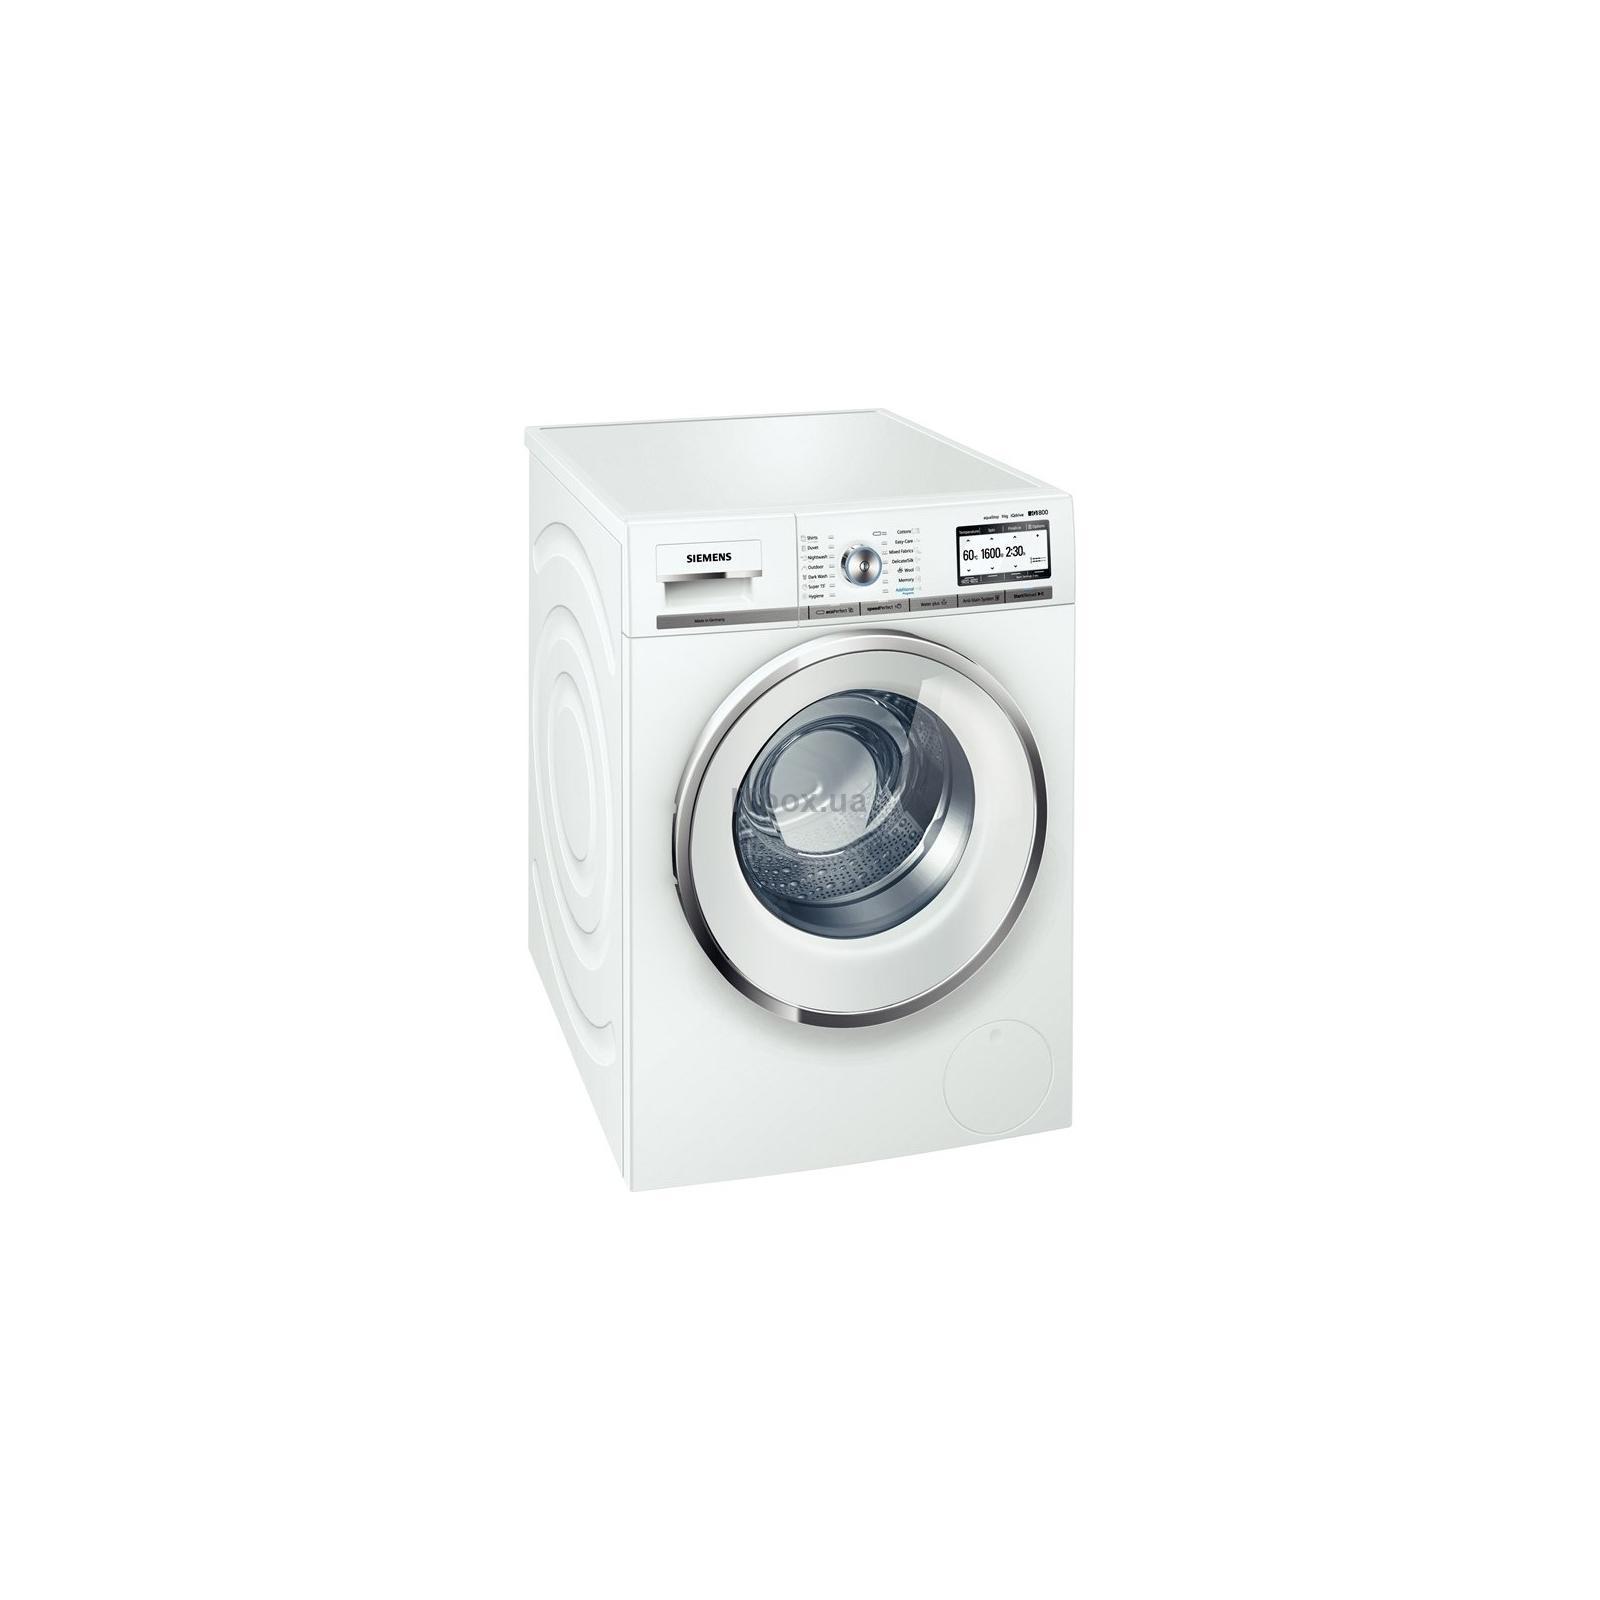 siemens стиральная машина i-dos